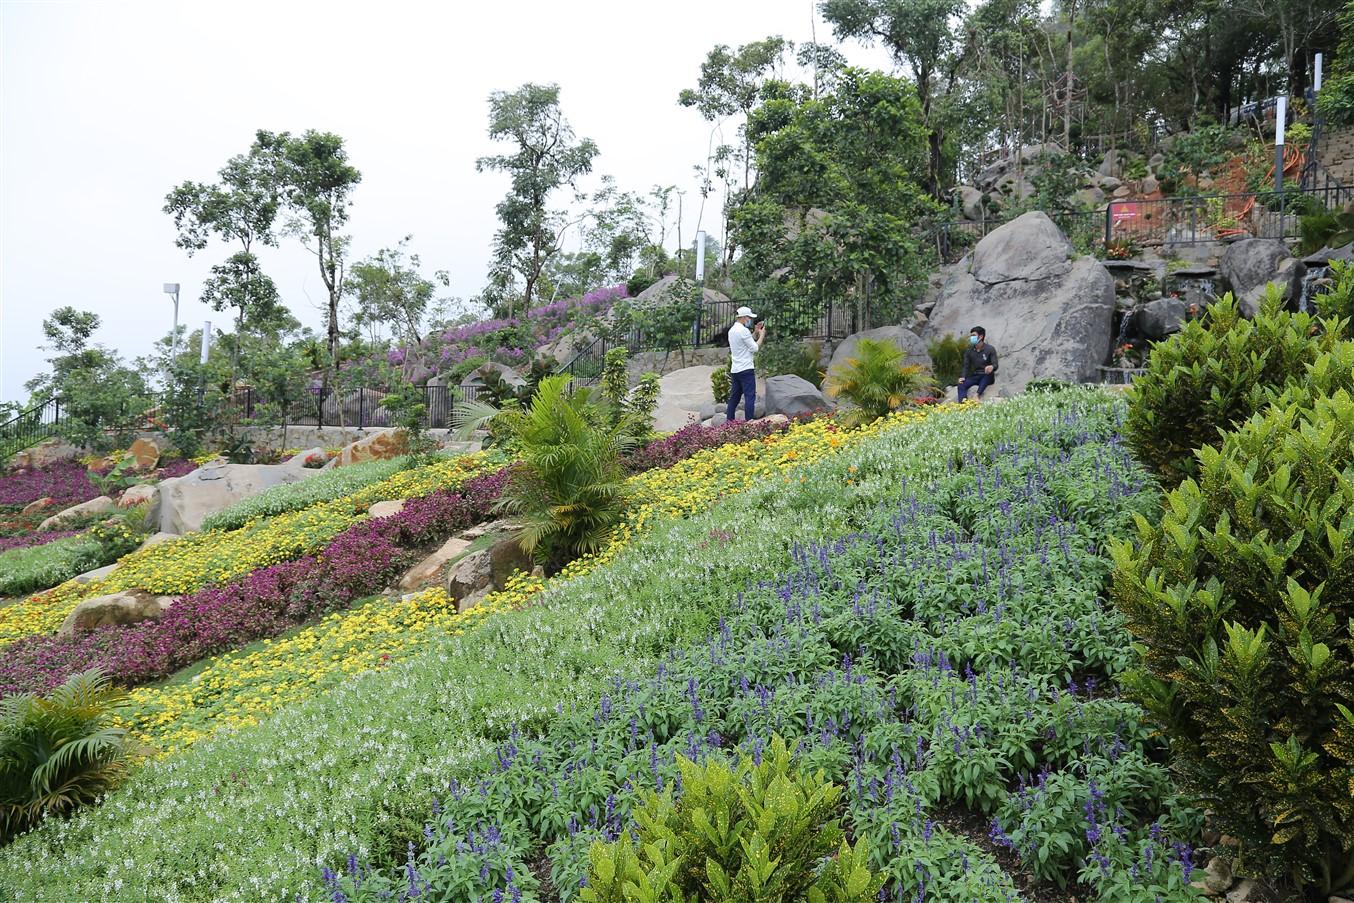 Gần 700 cử tri đi bầu cử tại đỉnh núi Bà Đen Tây Ninh - Ảnh 11.